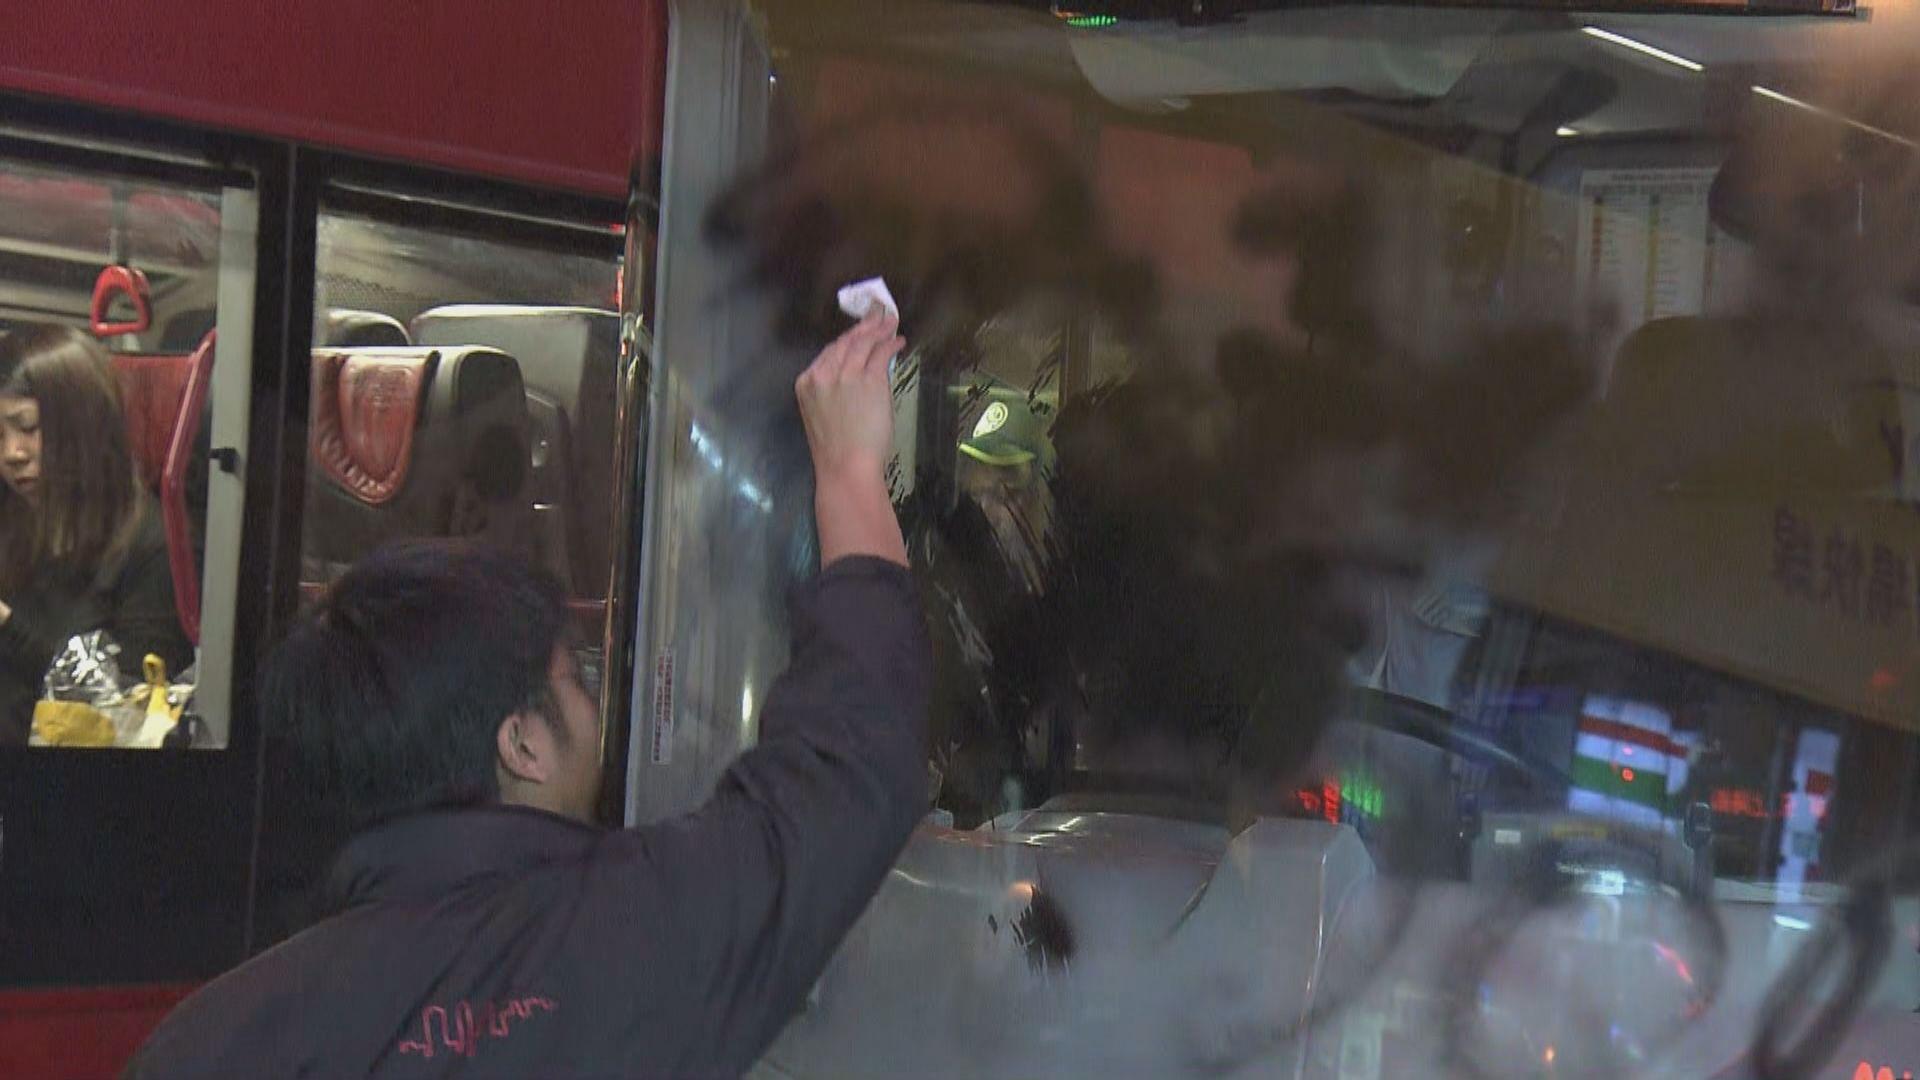 旺角佐敦多輛巴士擋風玻璃被人用噴漆塗污